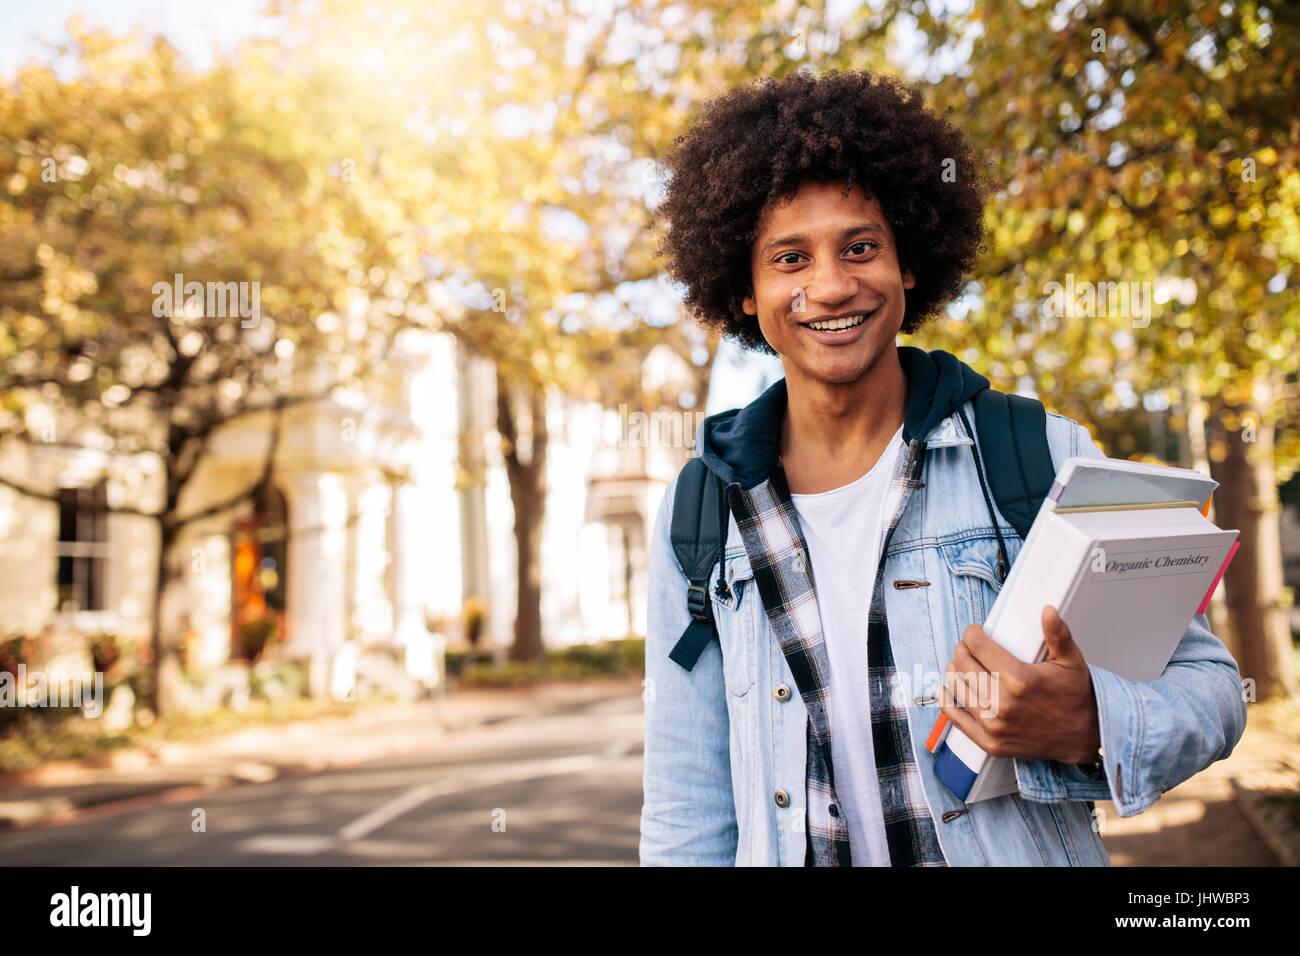 Les jeunes afro-américains de retour de l'élève au collège. Les jeunes étudiants de Photo Stock